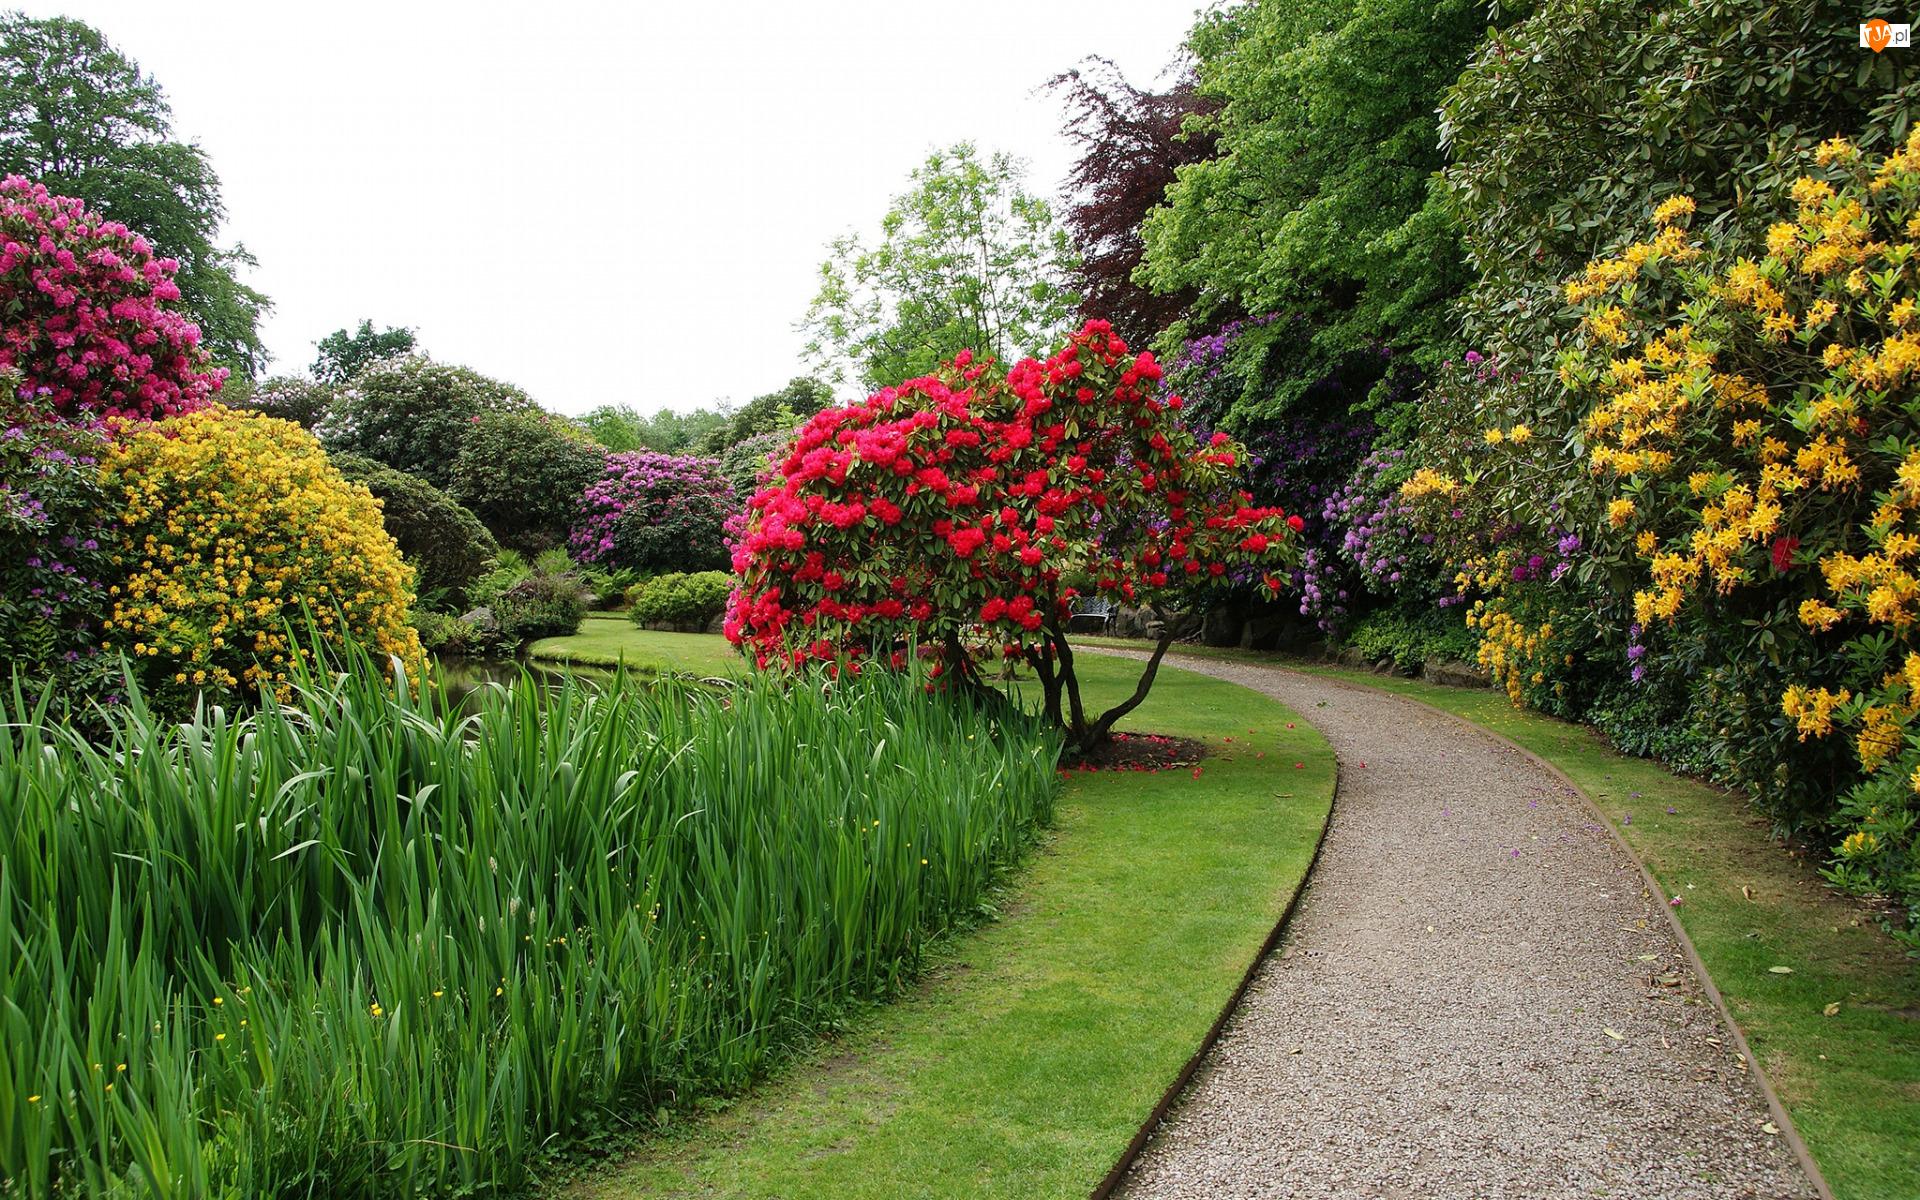 Kwiaty, Park, Drzewa, Biddulph, Ogród Biddulph Grange, Różaneczniki, Anglia, Alejka